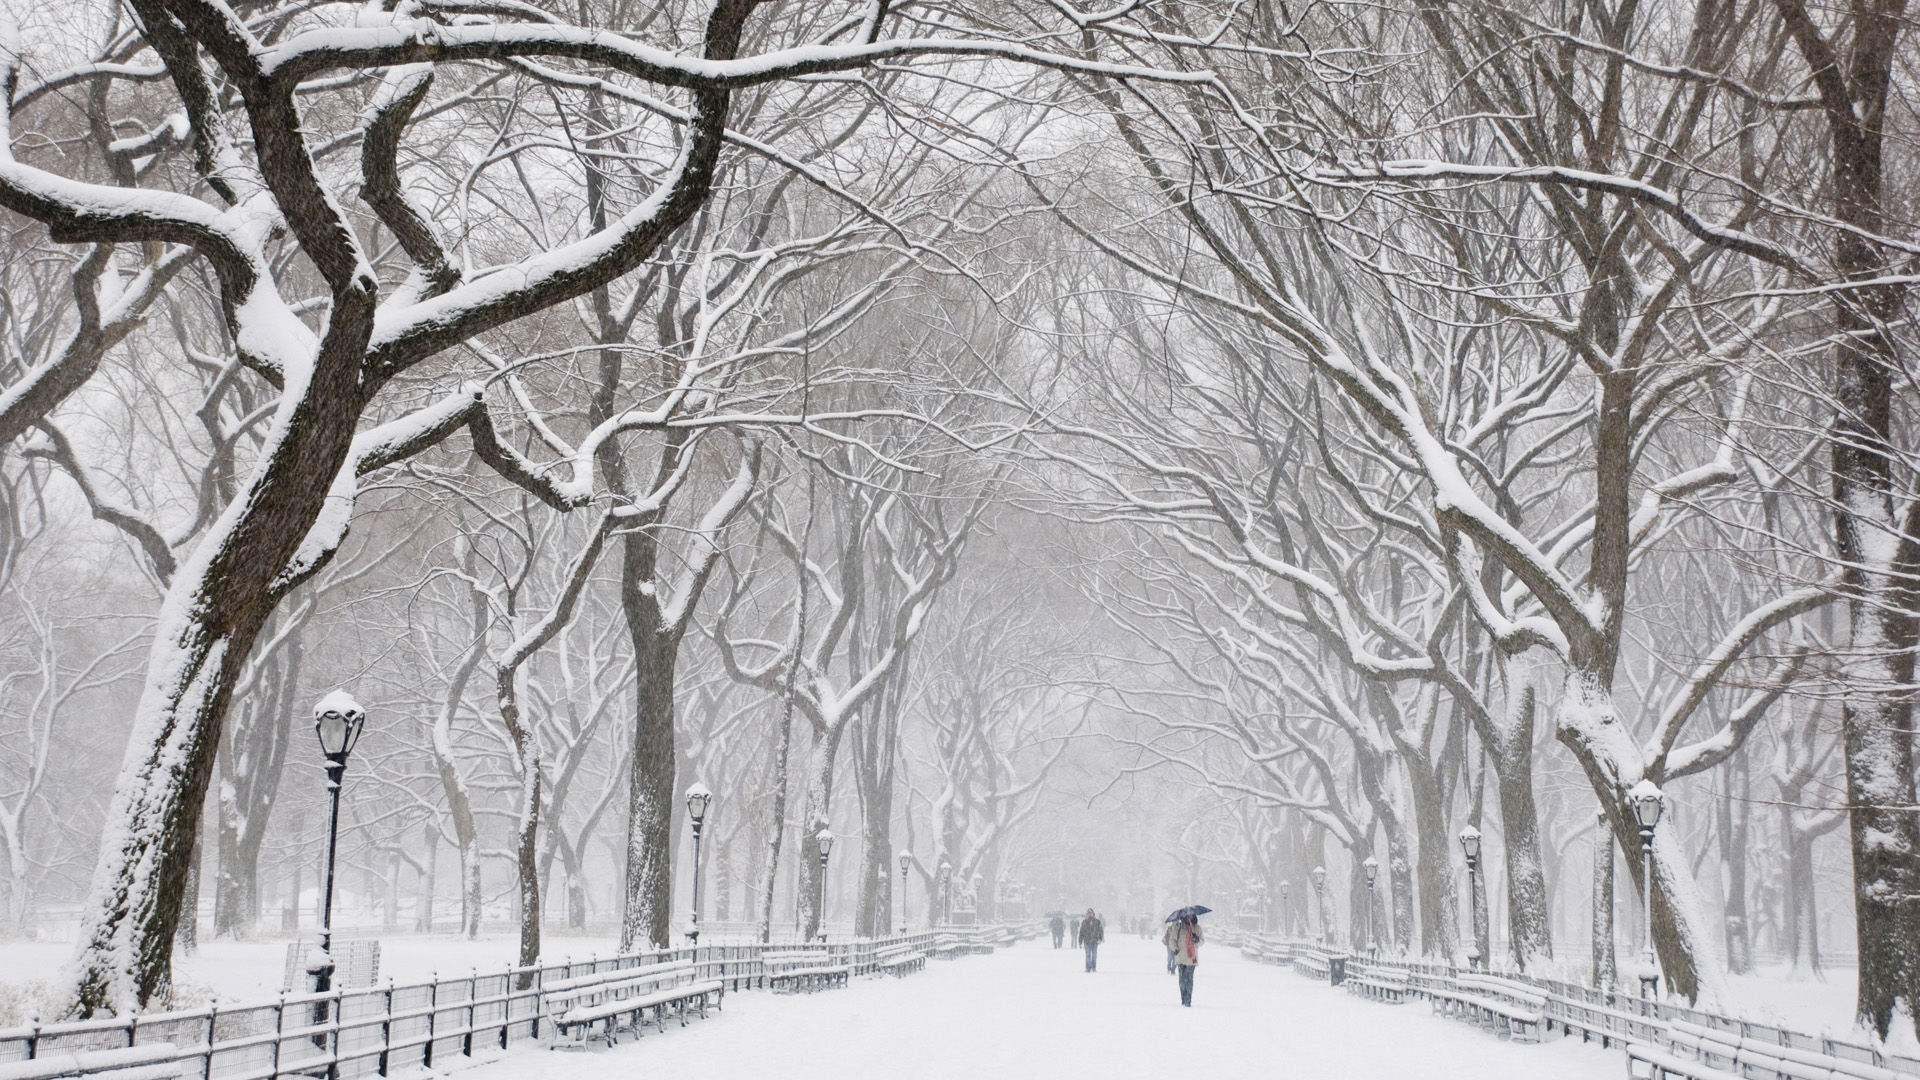 立冬时节,除了迎接冬季,更要当心甲醛威胁